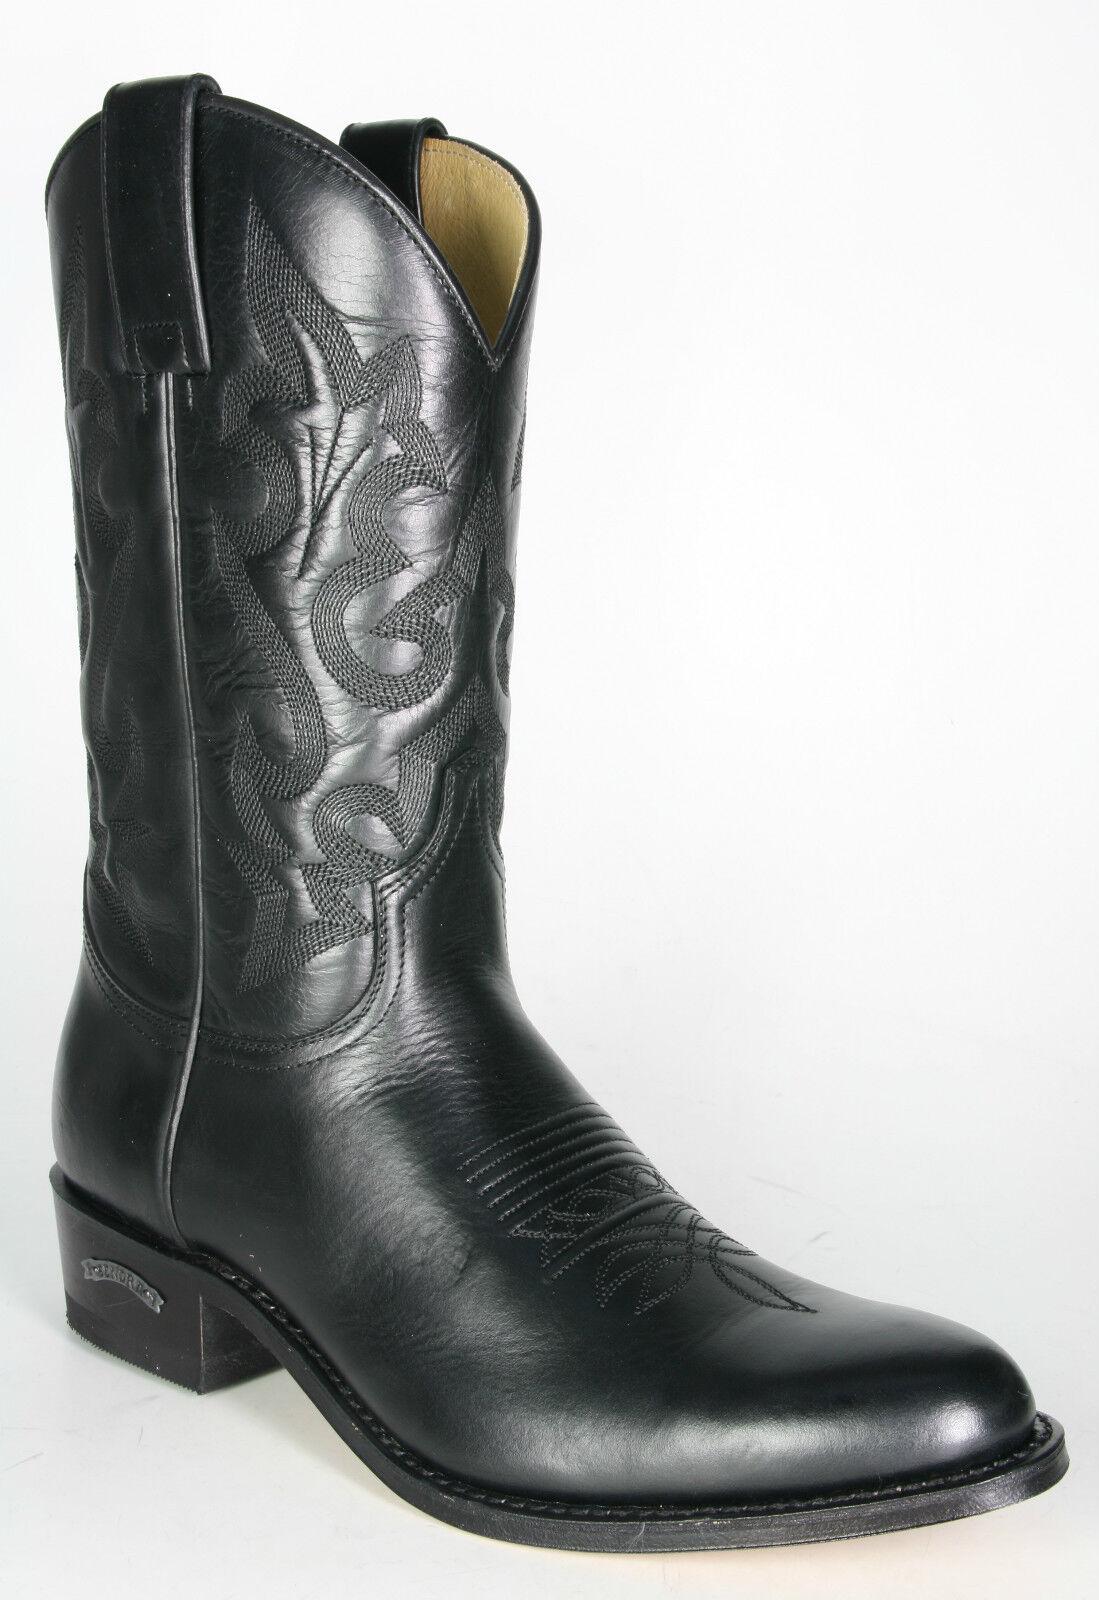 8589 Sendra Cowboystiefel LAZO black Westernstiefel